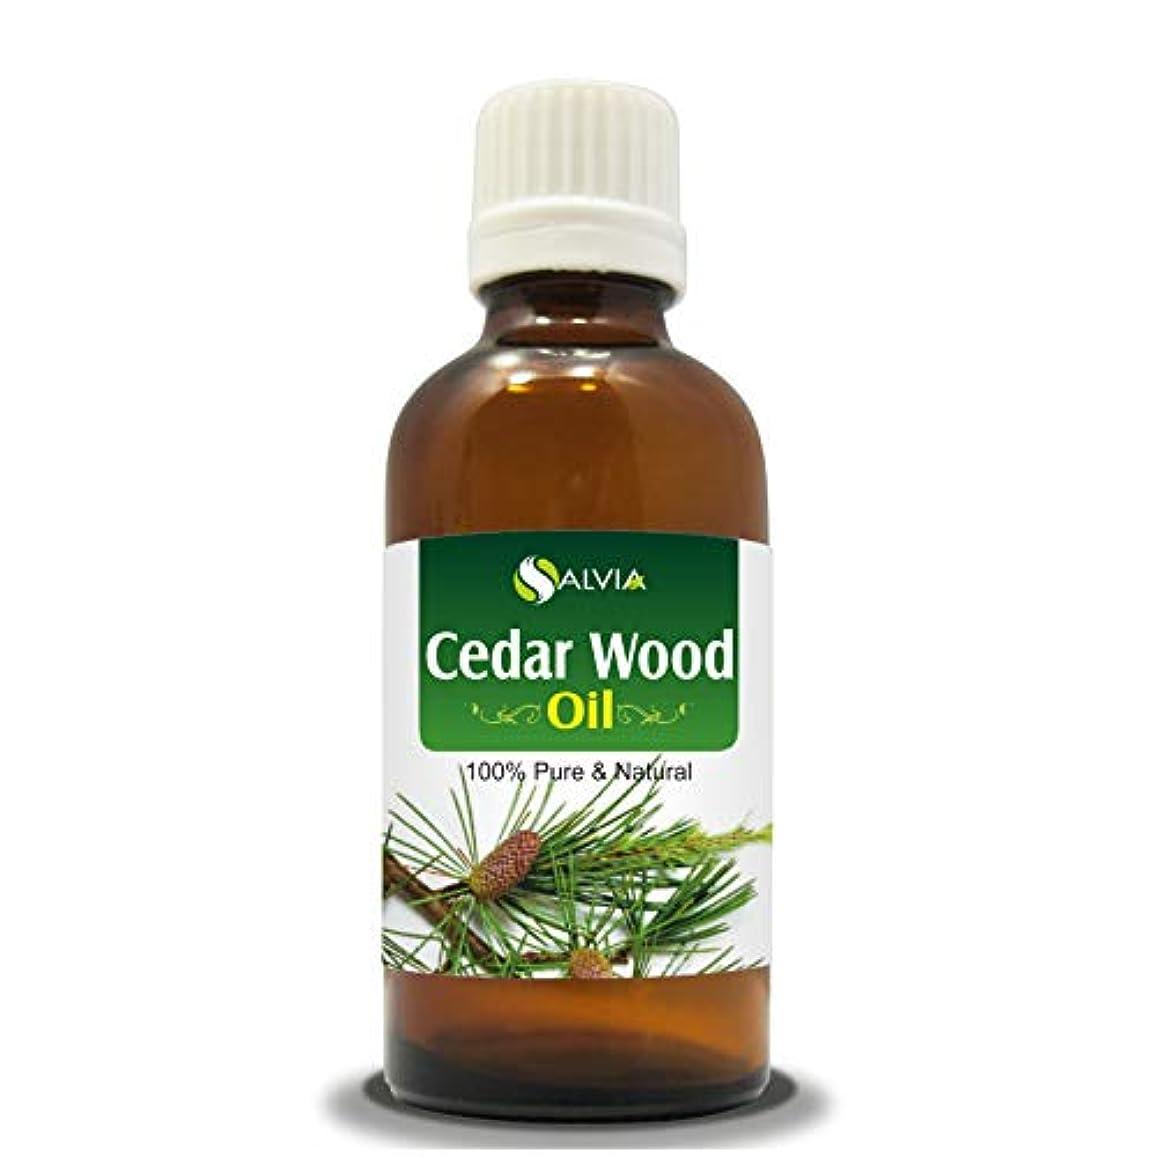 CEDAR WOOD OIL 100% NATURAL PURE UNDILUTED UNCUT ESSENTIAL OIL 50ML